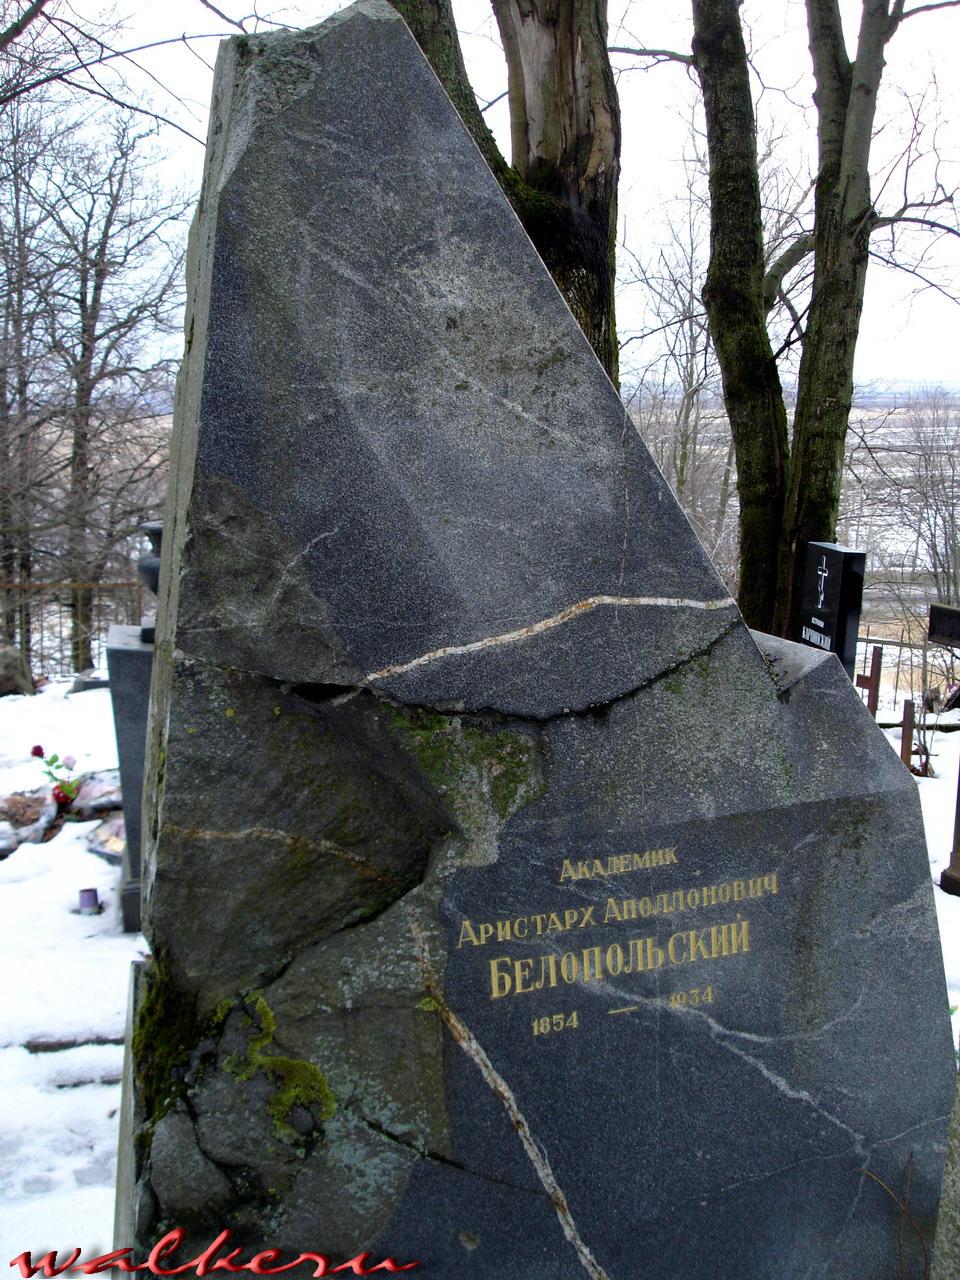 Могила Белопольского А.А. на Пулковском кладбище